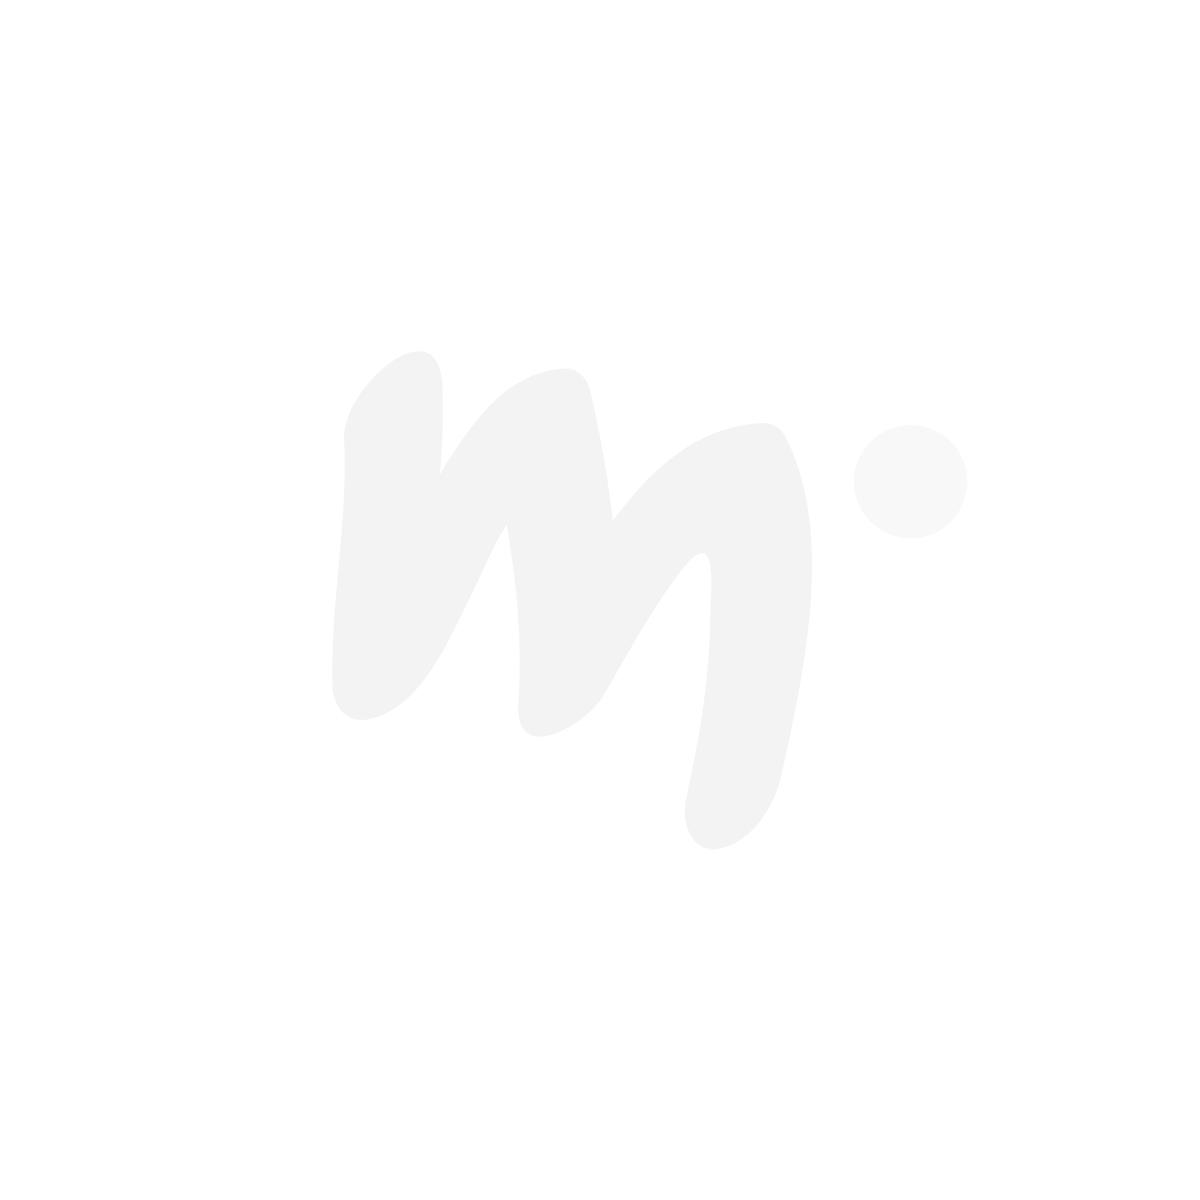 Mauri Kunnas Palapeli 500 palaa Tassula